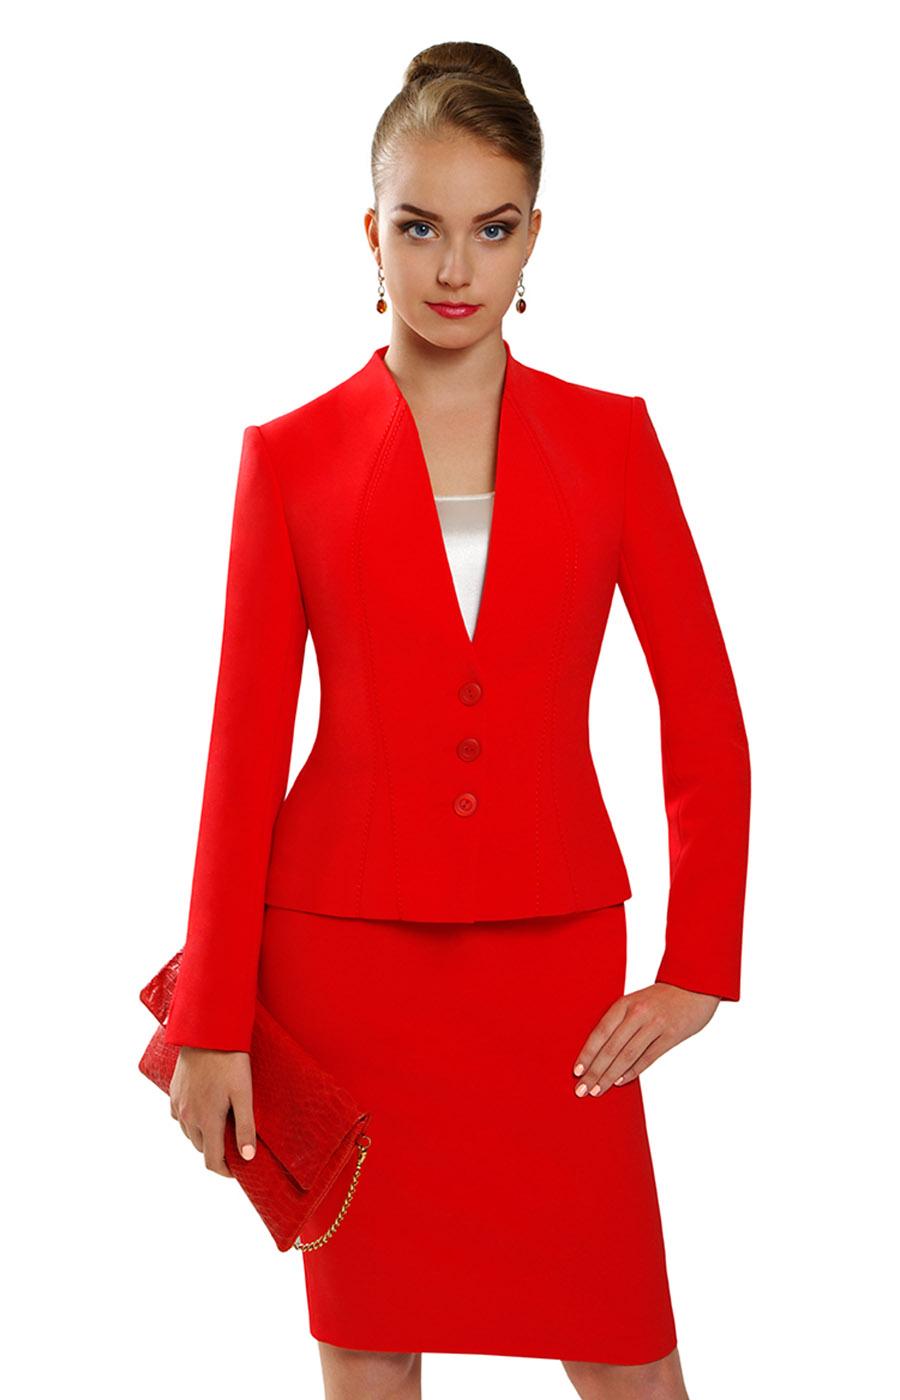 Деловой красный костюм от Джей Эль